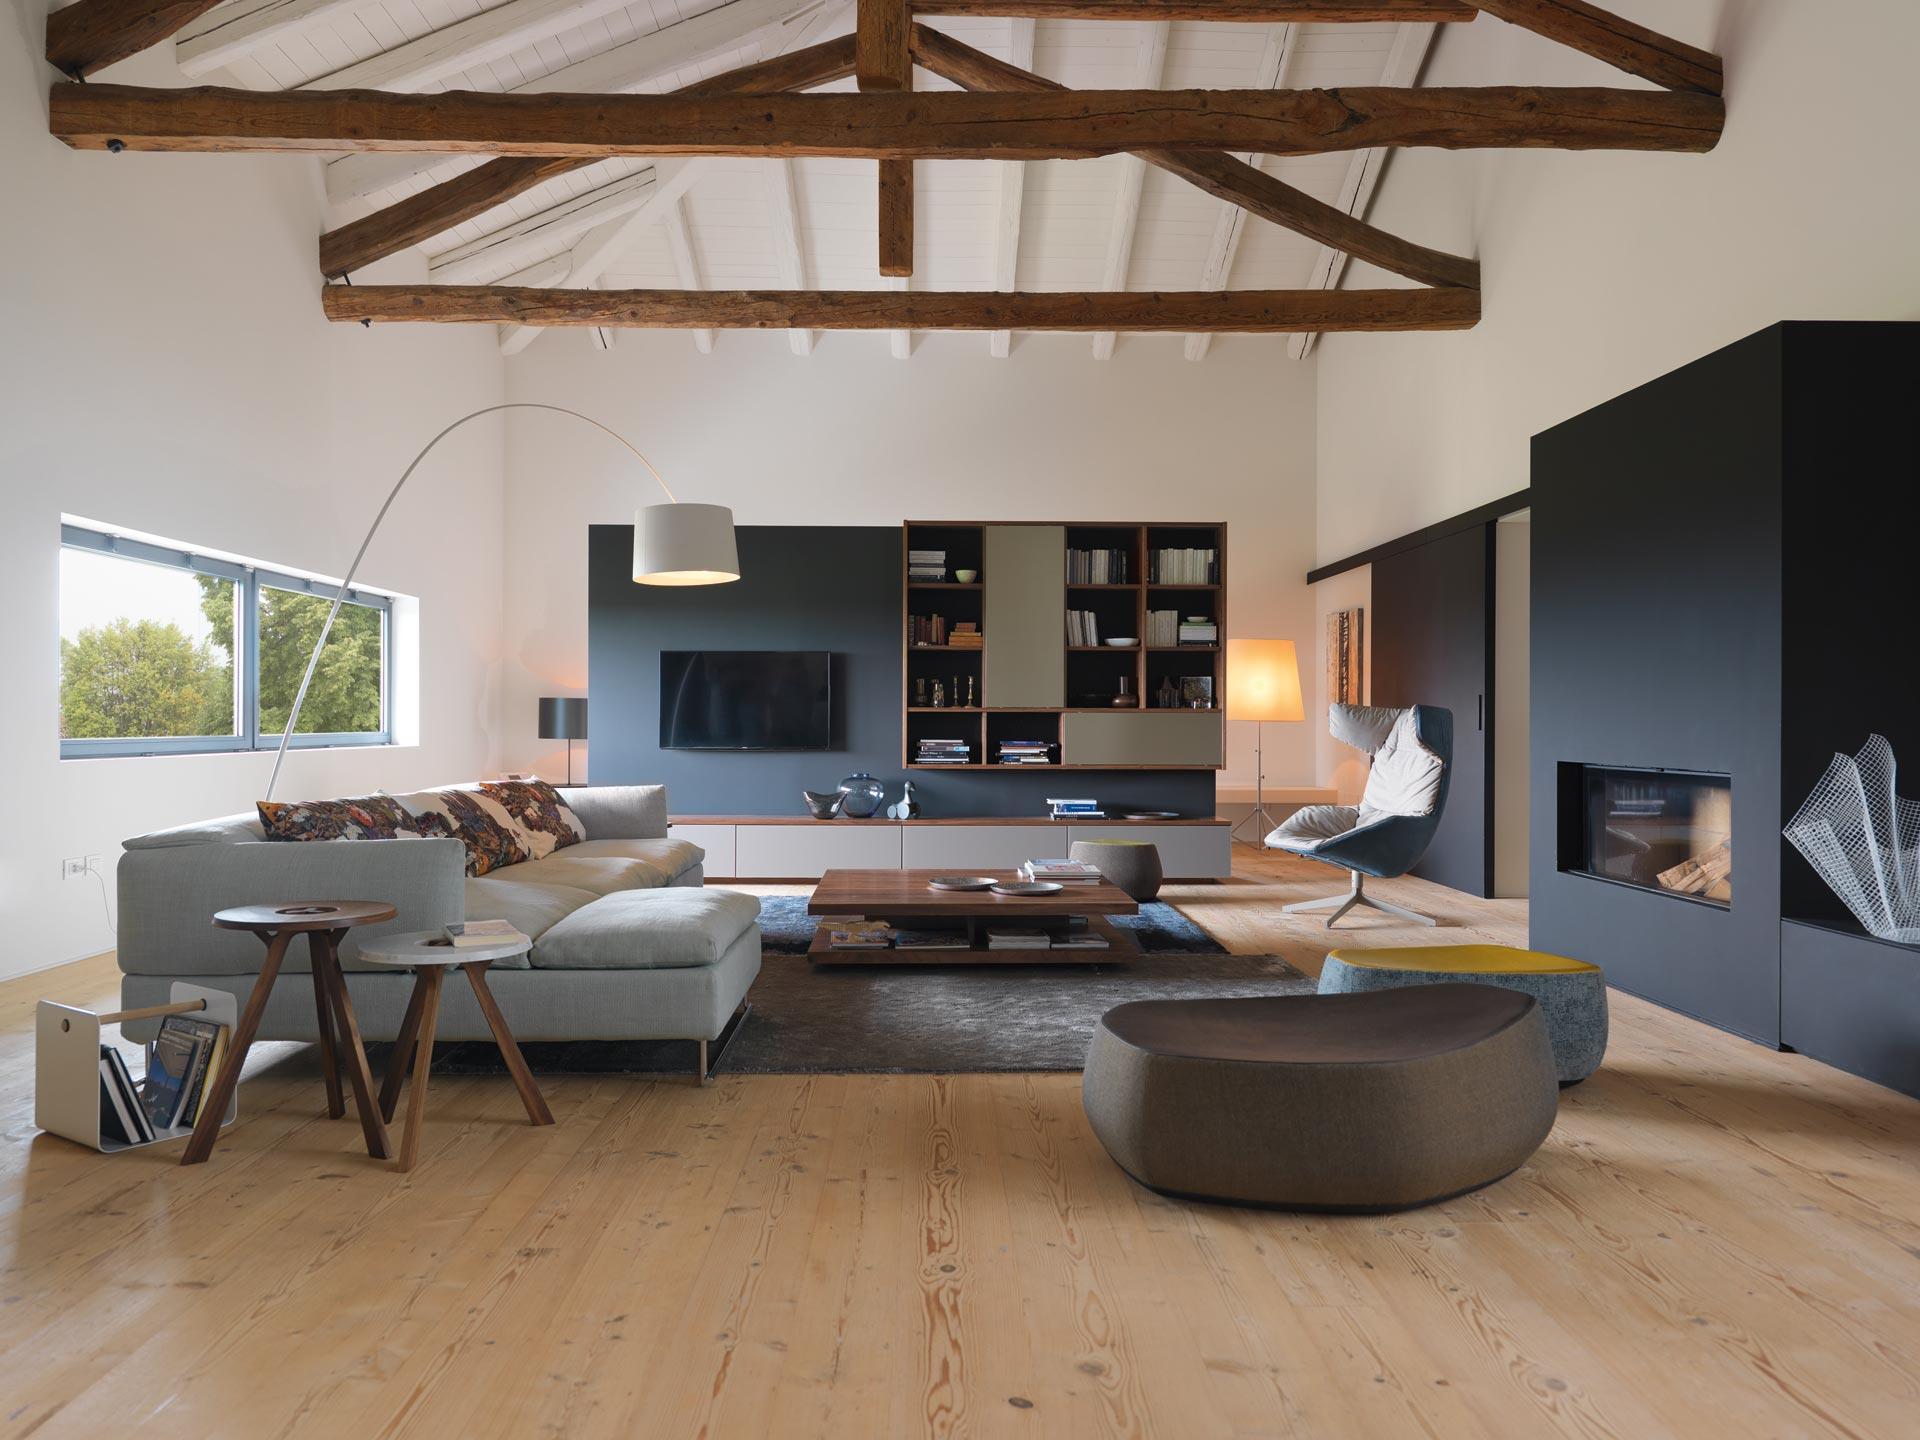 bodesign m bel kiel nat rliche wohnkonzepte ihr. Black Bedroom Furniture Sets. Home Design Ideas